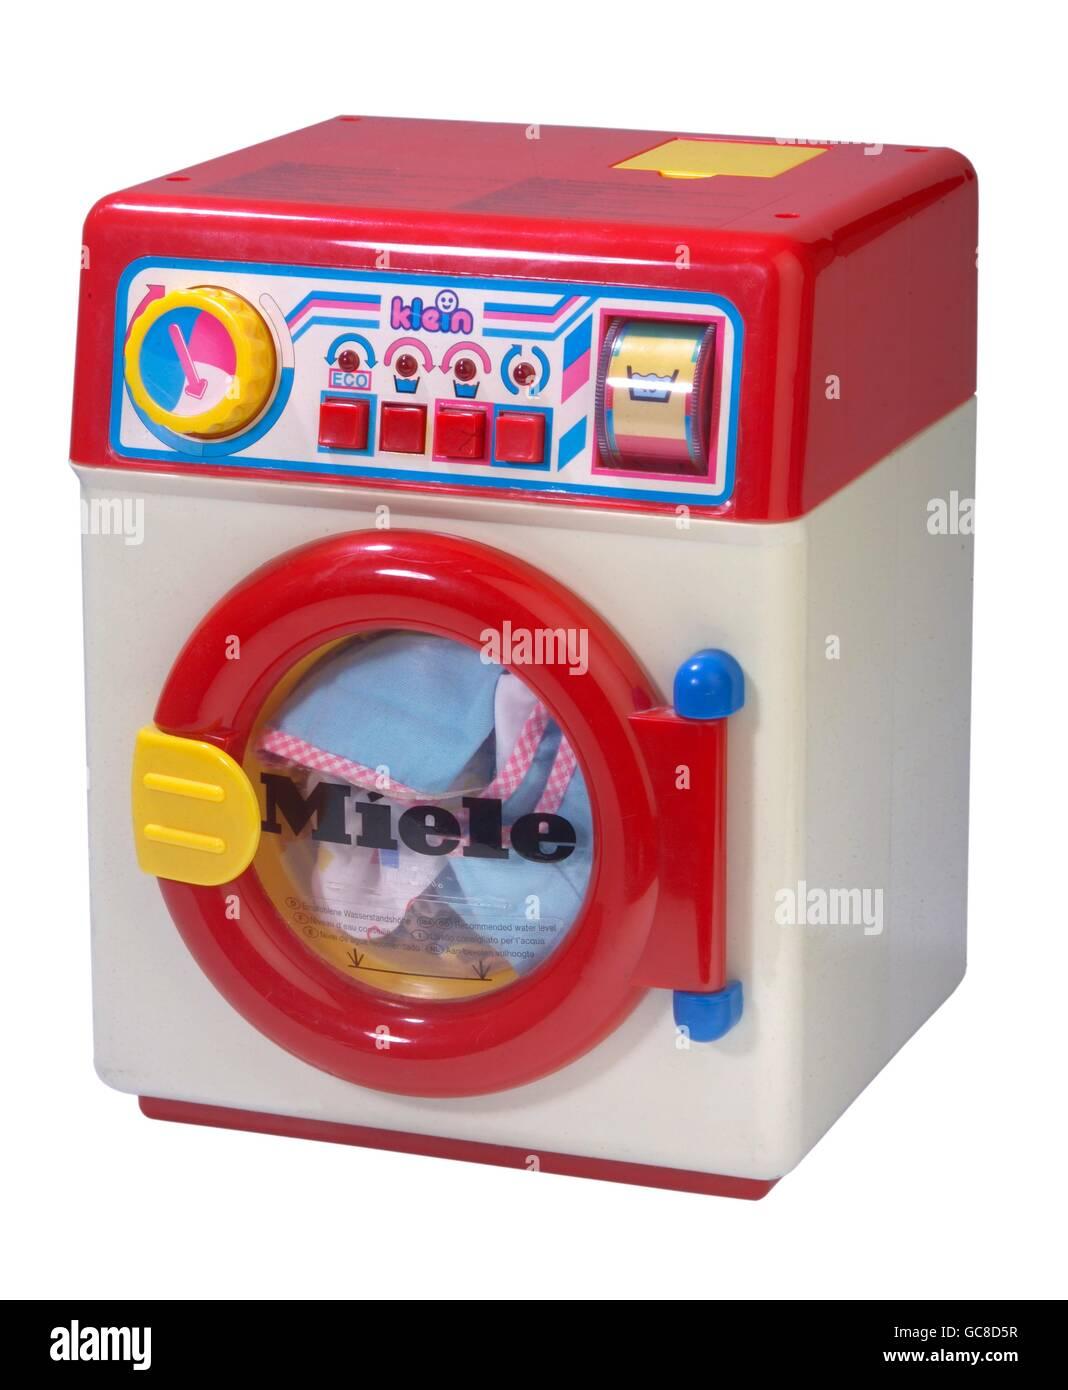 Nettoyer Machine À Laver Le Linge les jouets, les lave-linge miele, jouets pour les filles, l